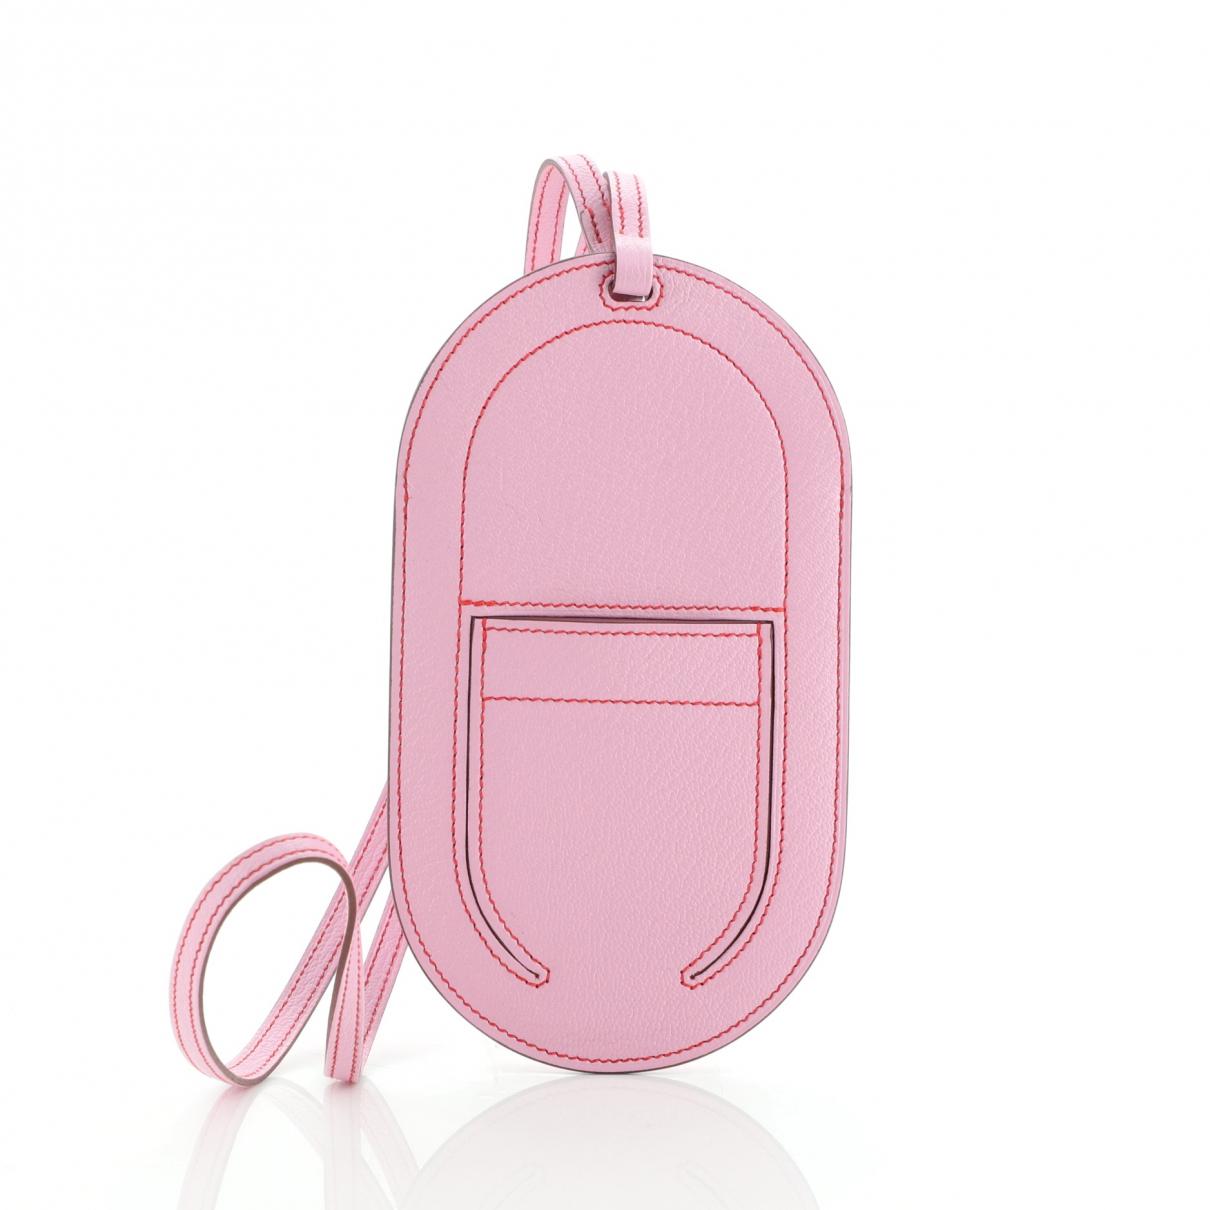 Hermes - Accessoires   pour lifestyle en cuir - rose